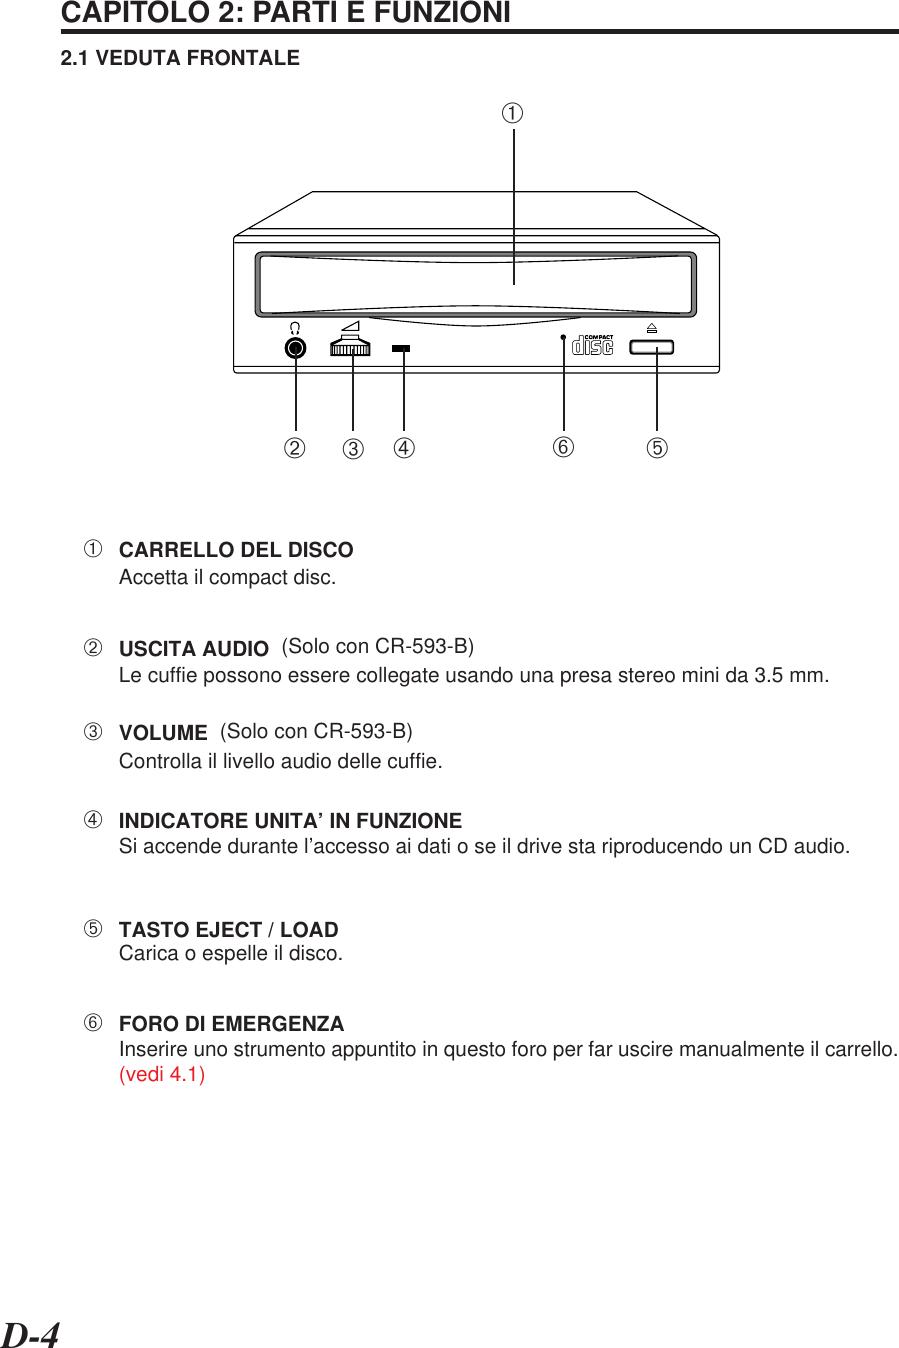 D-4CAPITOLO 2: PARTI E FUNZIONI2.1 VEDUTA FRONTALE    ➂VOLUME    ➀CARRELLO DEL DISCOAccetta il compact disc.    ➁USCITA AUDIOLe cuffie possono essere collegate usando una presa stereo mini da 3.5 mm.    ➃INDICATORE UNITA' IN FUNZIONESi accende durante l'accesso ai dati o se il drive sta riproducendo un CD audio.    ➄TASTO EJECT / LOADCarica o espelle il disco.    ➅FORO DI EMERGENZAInserire uno strumento appuntito in questo foro per far uscire manualmente il carrello.(vedi 4.1)Controlla il livello audio delle cuffie.➀➁➂➃➄➅(Solo con CR-593-B)(Solo con CR-593-B)